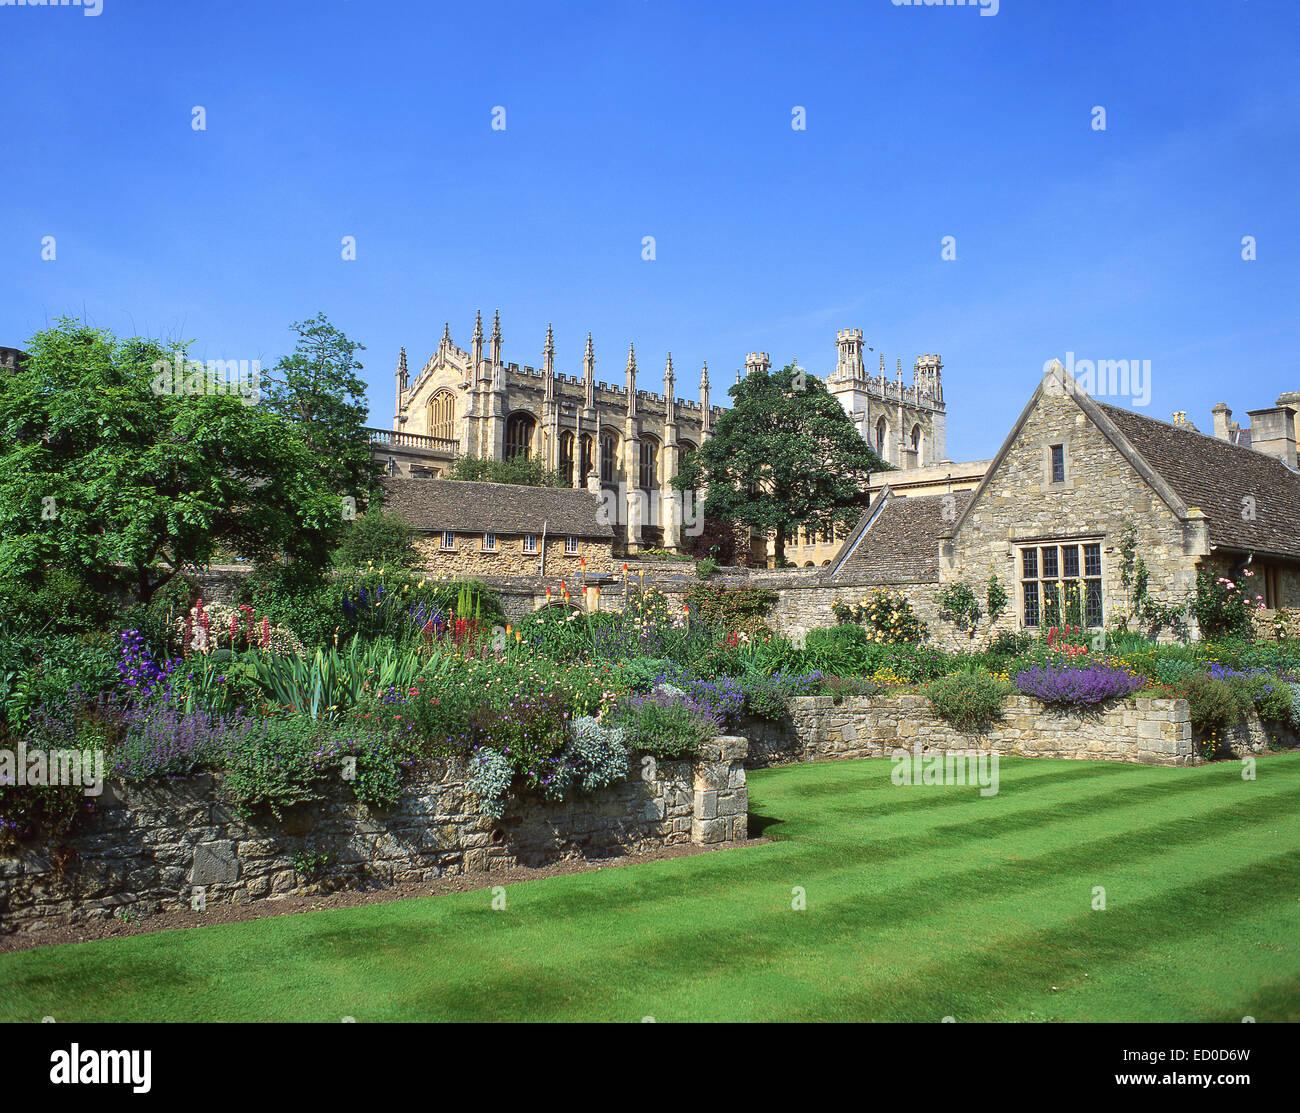 Christ Church College da War Memorial Gardens, Oxford, Oxfordshire, England, Regno Unito Immagini Stock